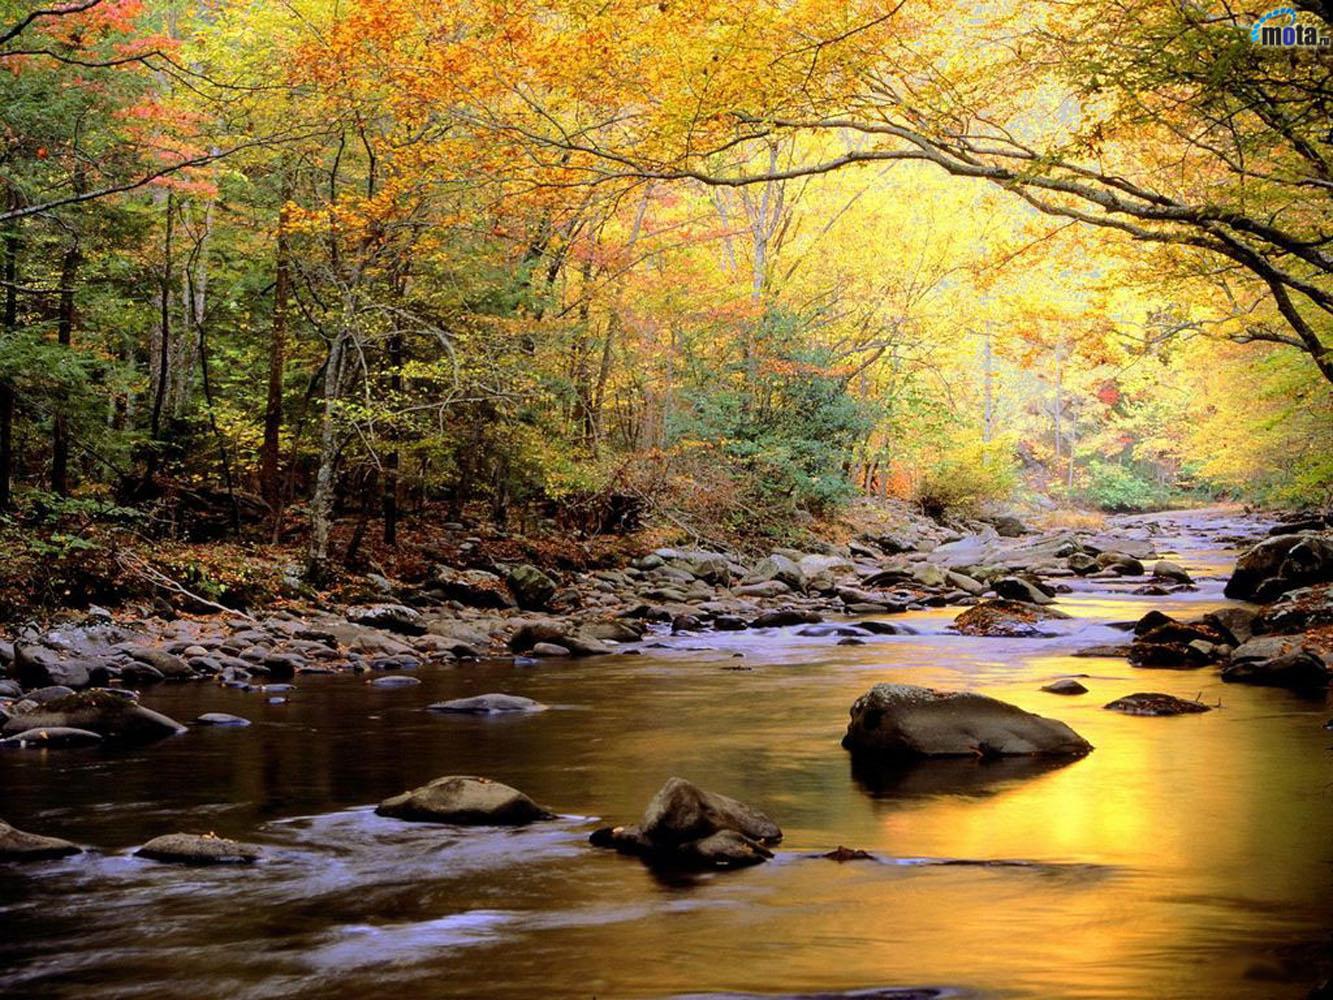 http://2.bp.blogspot.com/-NDCIBzUBbMQ/UAEfp_DlxSI/AAAAAAAAWfk/6GUiTAFbJdg/s1600/2012+Spring+Nature+nature+hd+desktop+wallpaper.jpg